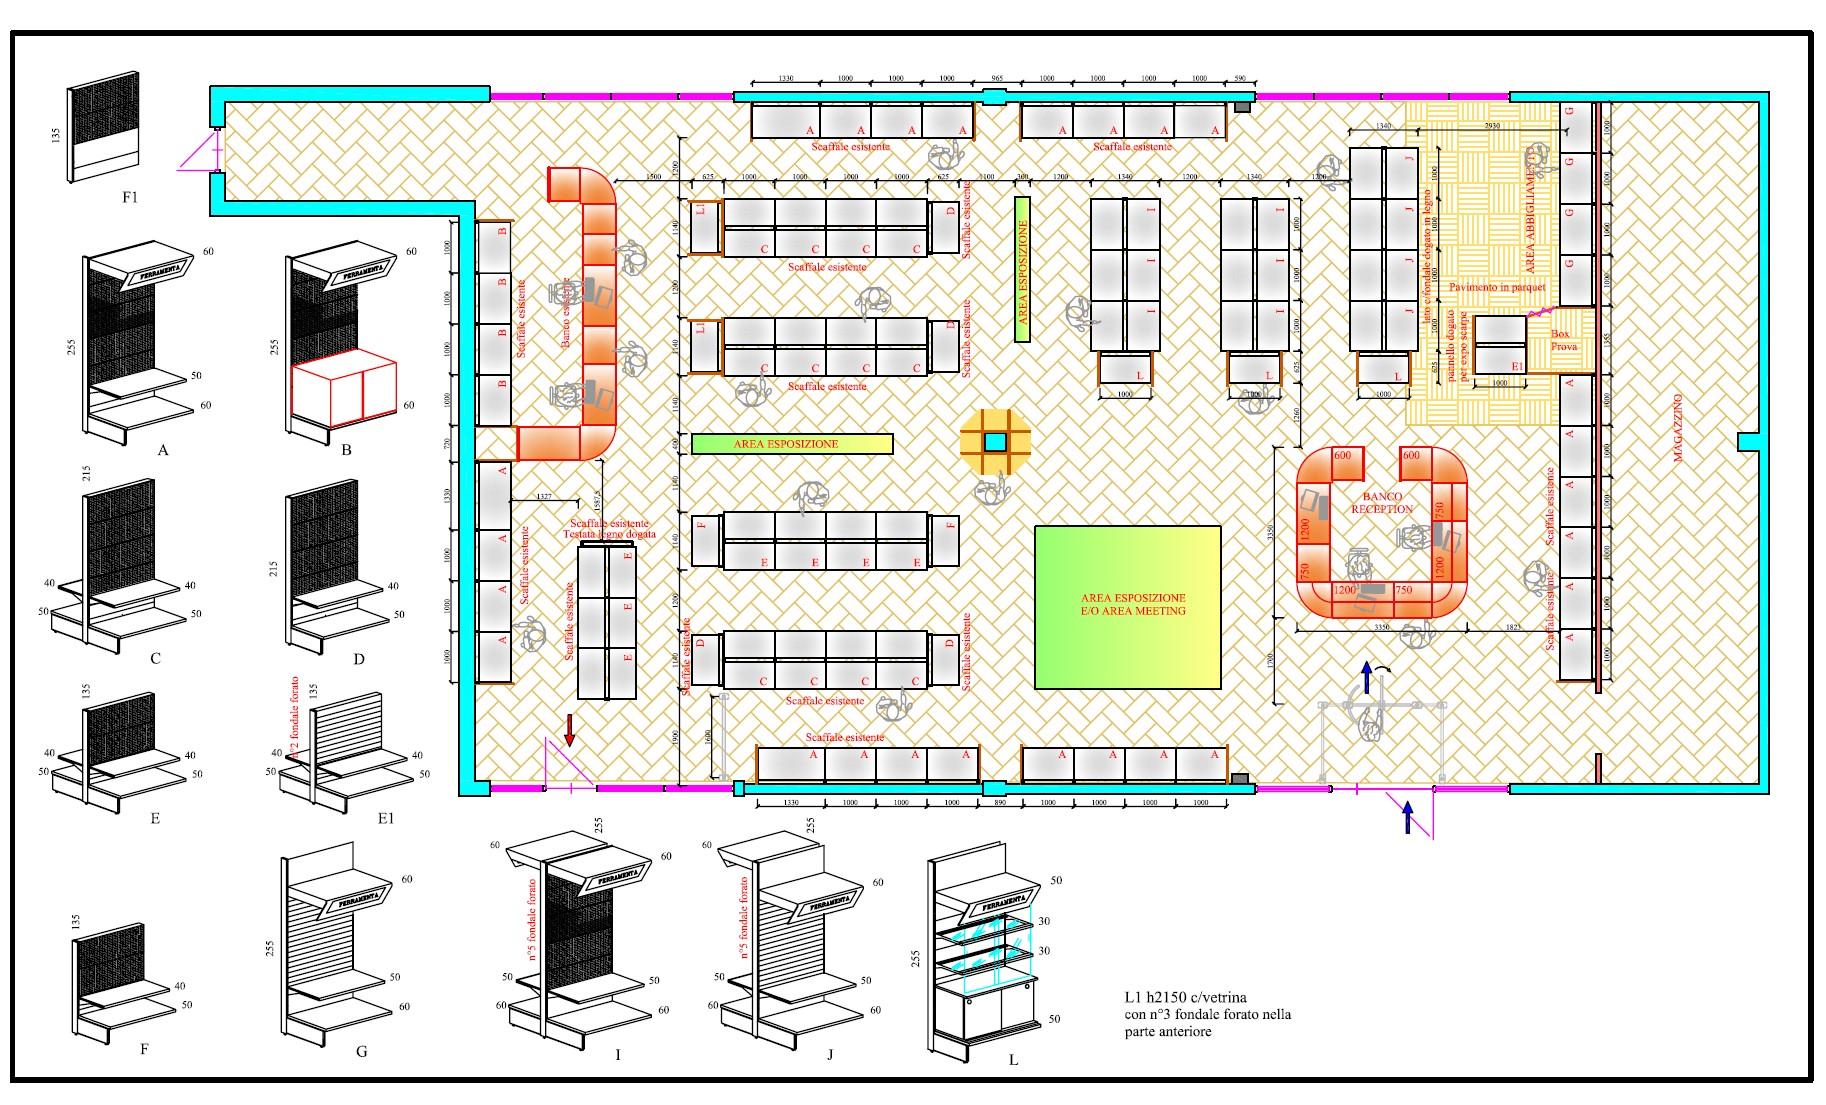 Negozi arredamento e progettazione venezia ispirazione for Progettazione di negozi